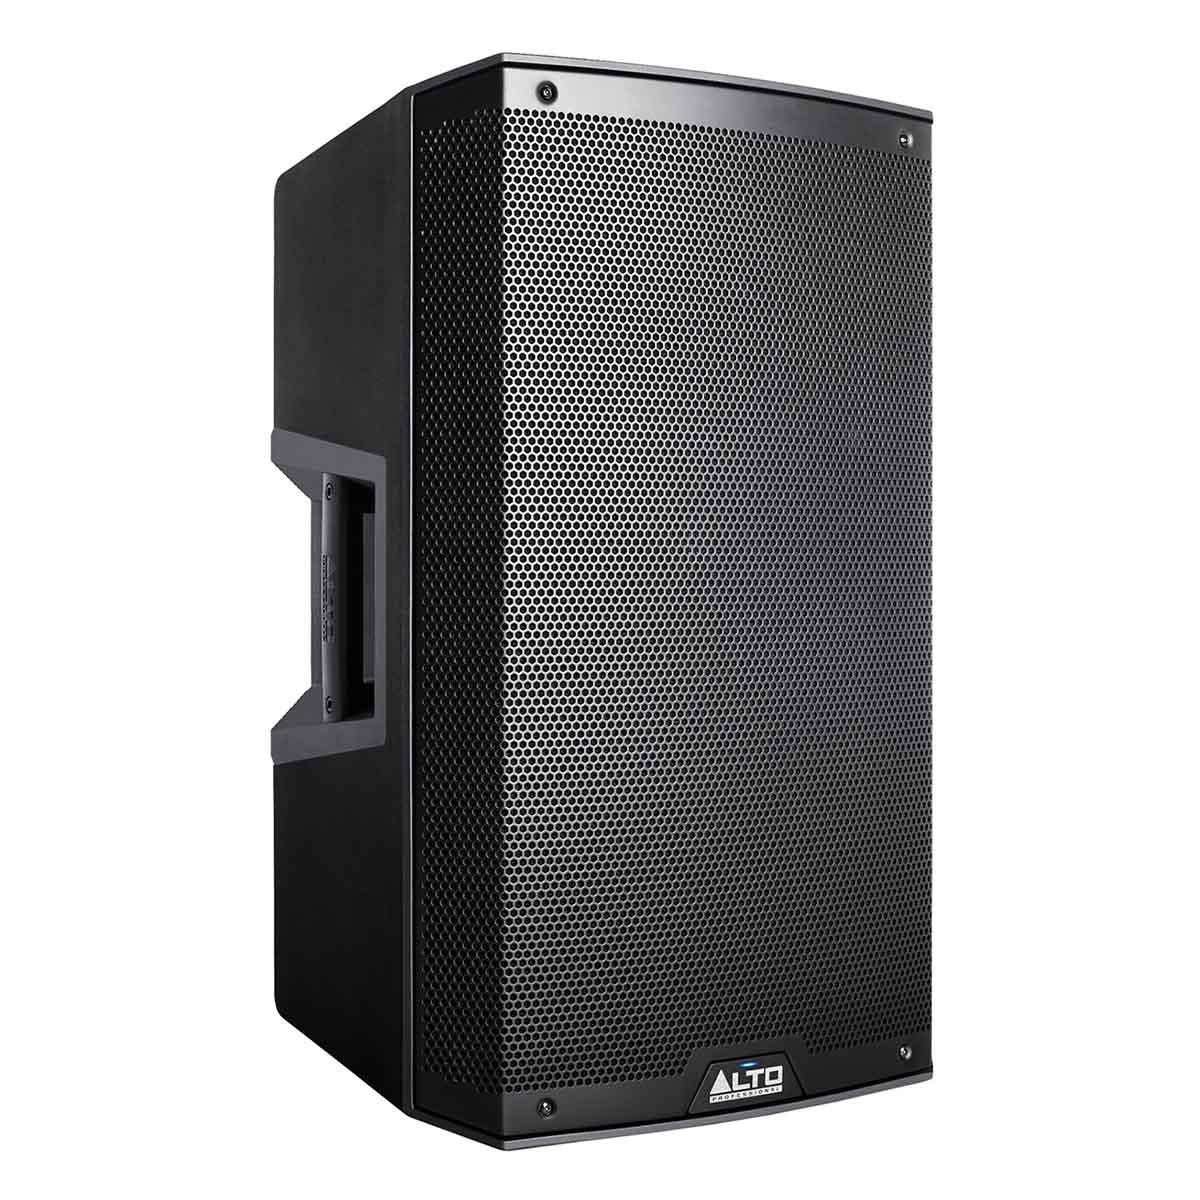 Caixa Acústica Ativa Alto Professional Truesonic TS315 2000W